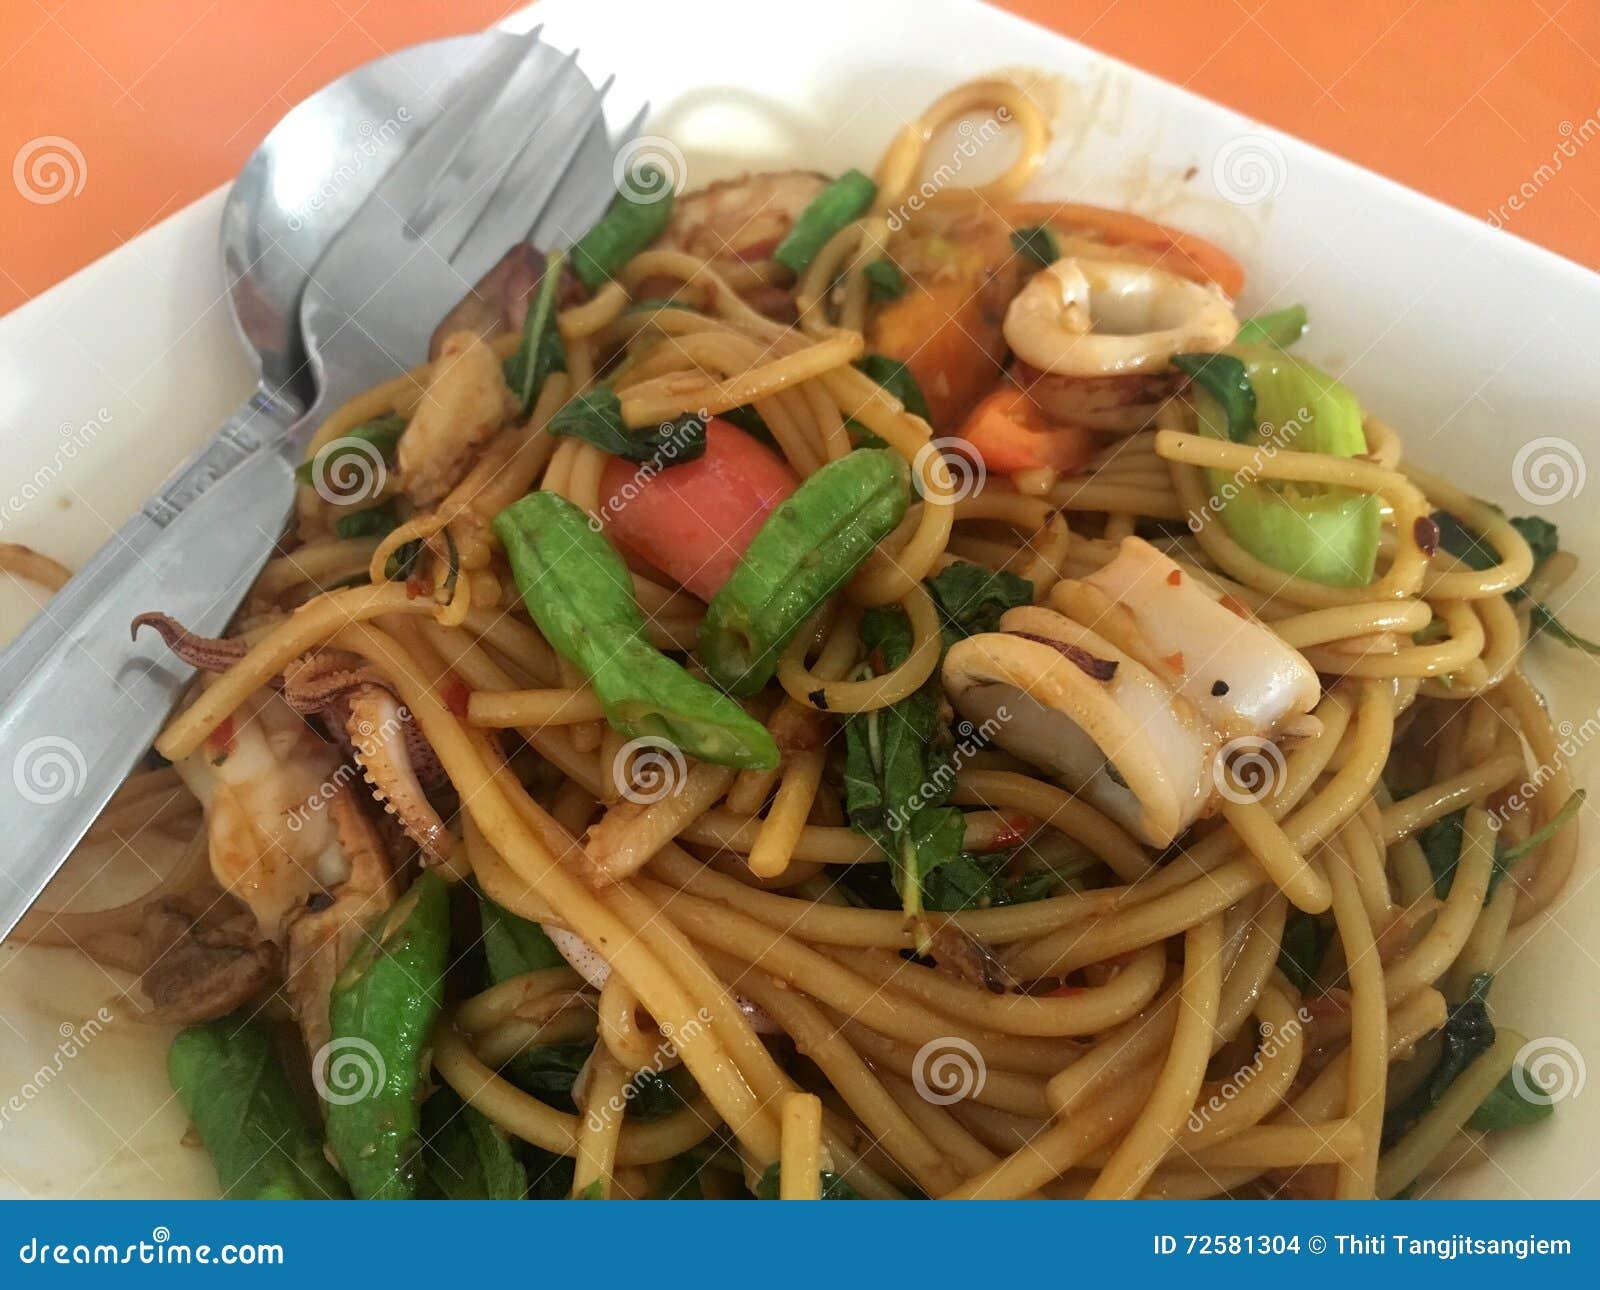 Spaghetti sea food